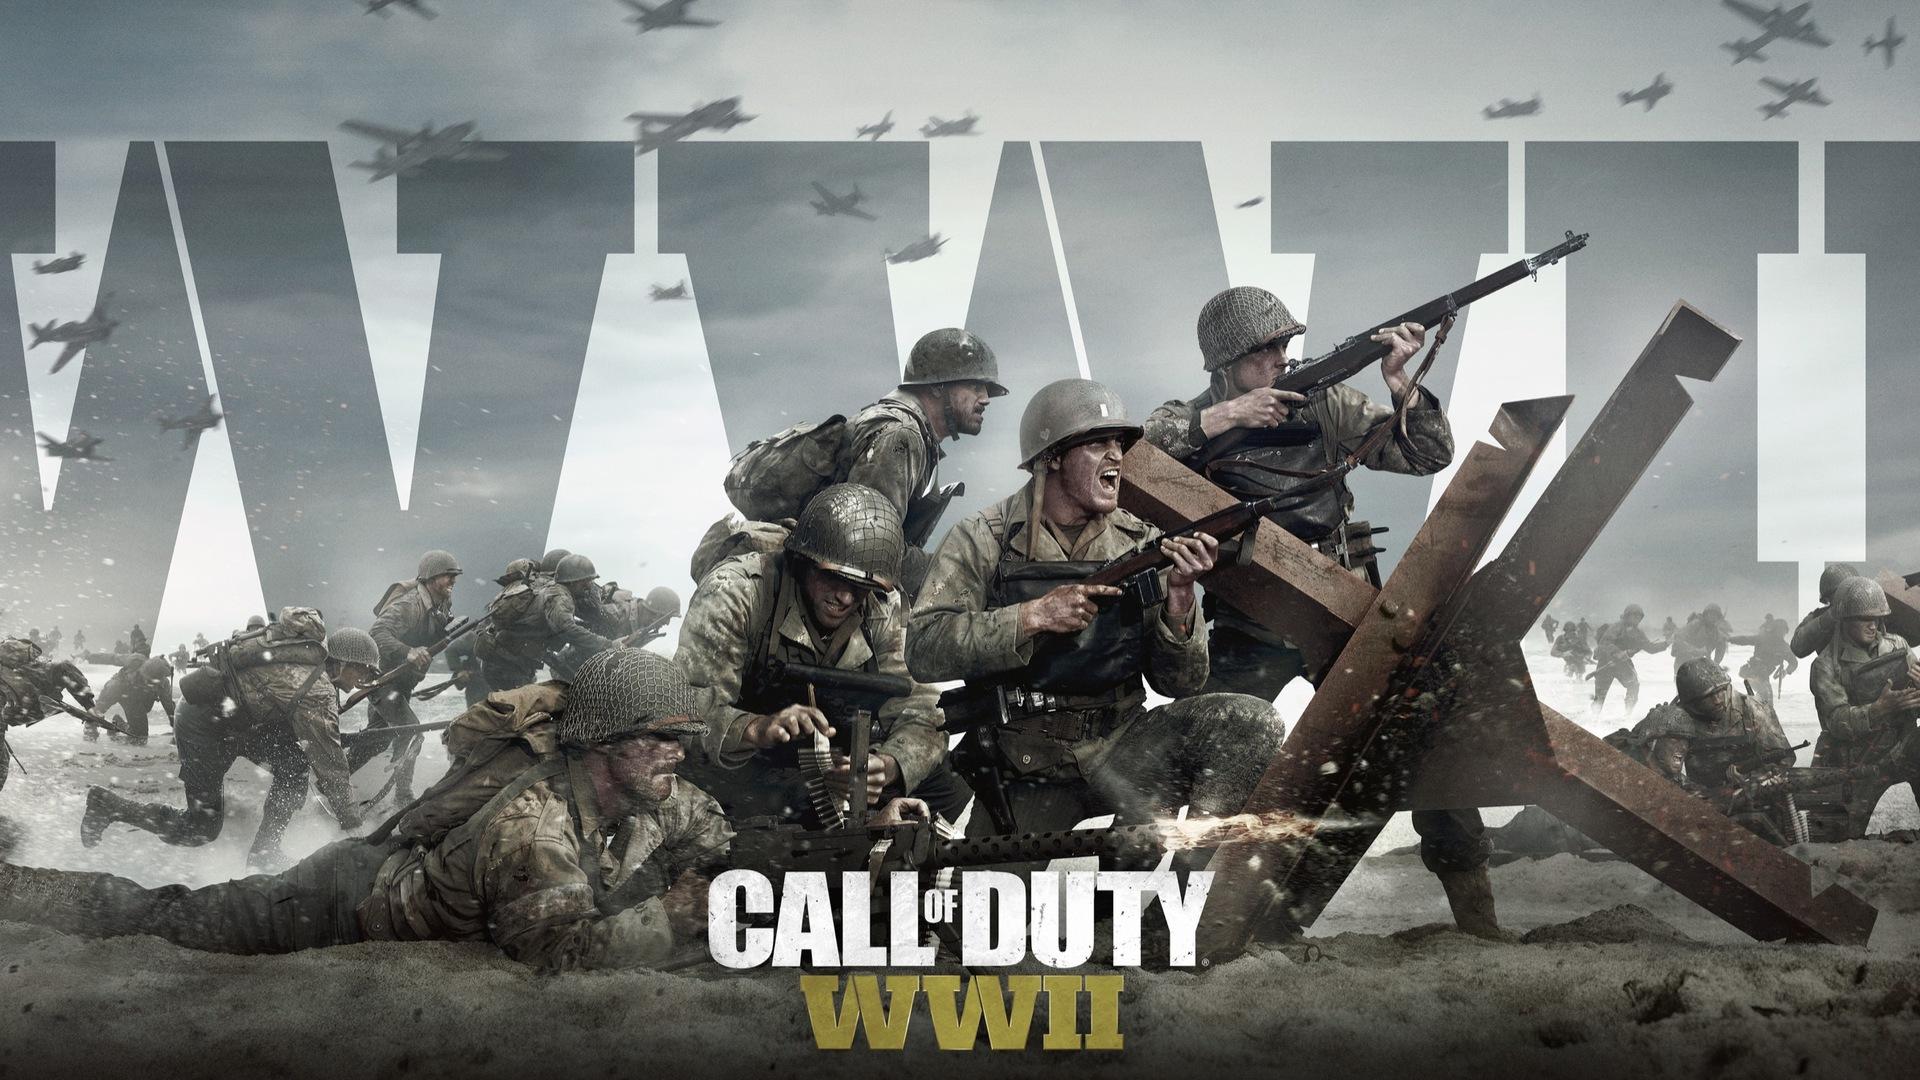 1920x1080 Call Of Duty Ww2 Laptop Full Hd 1080p Hd 4k